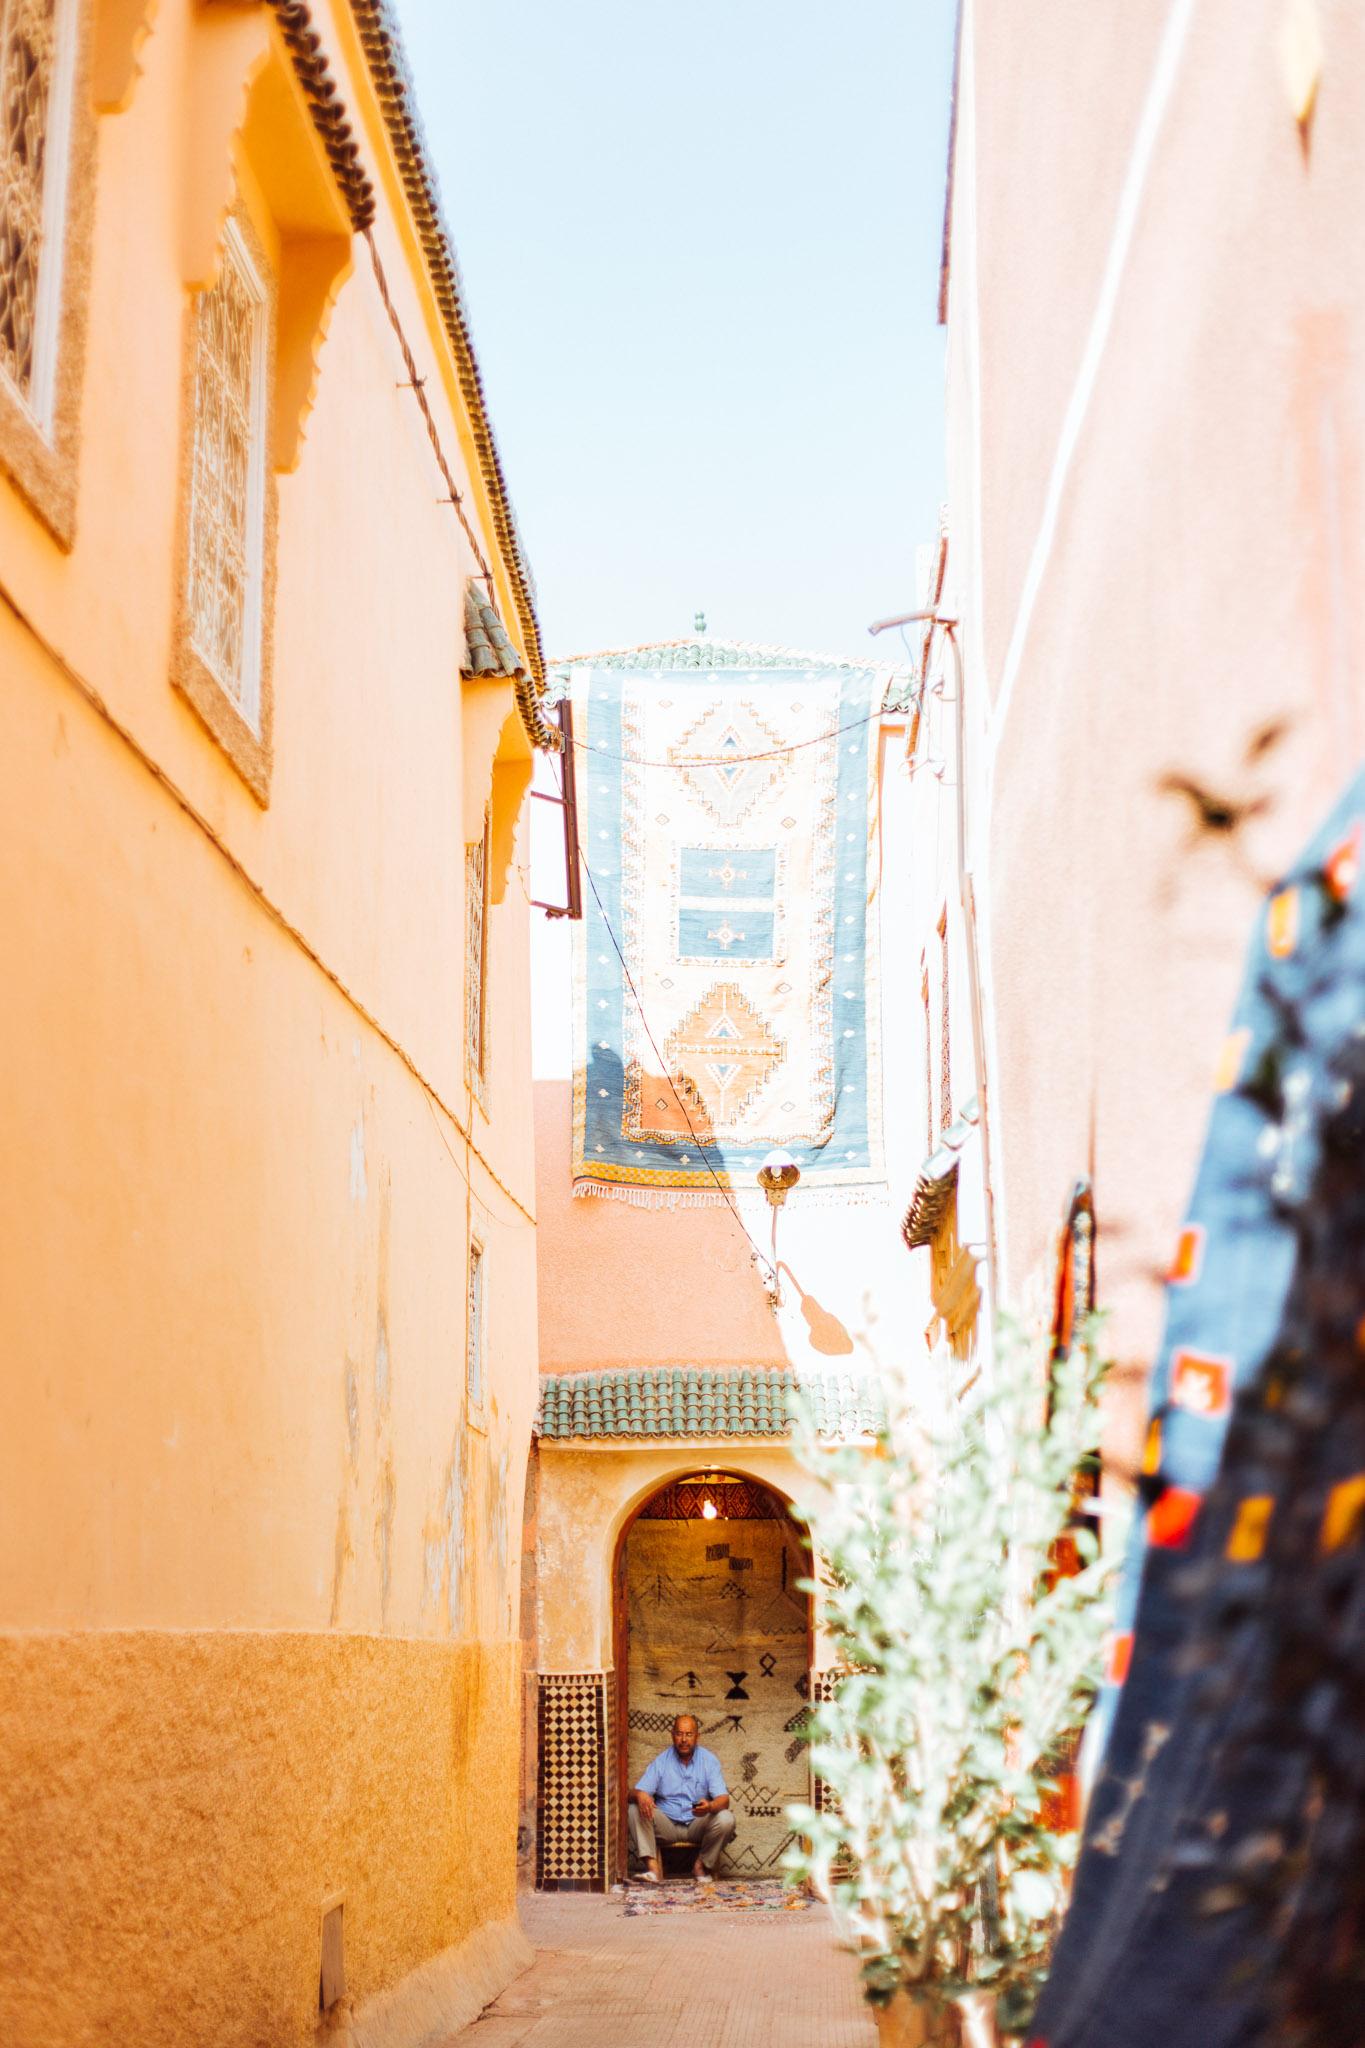 morocco-marrakech-4.jpg